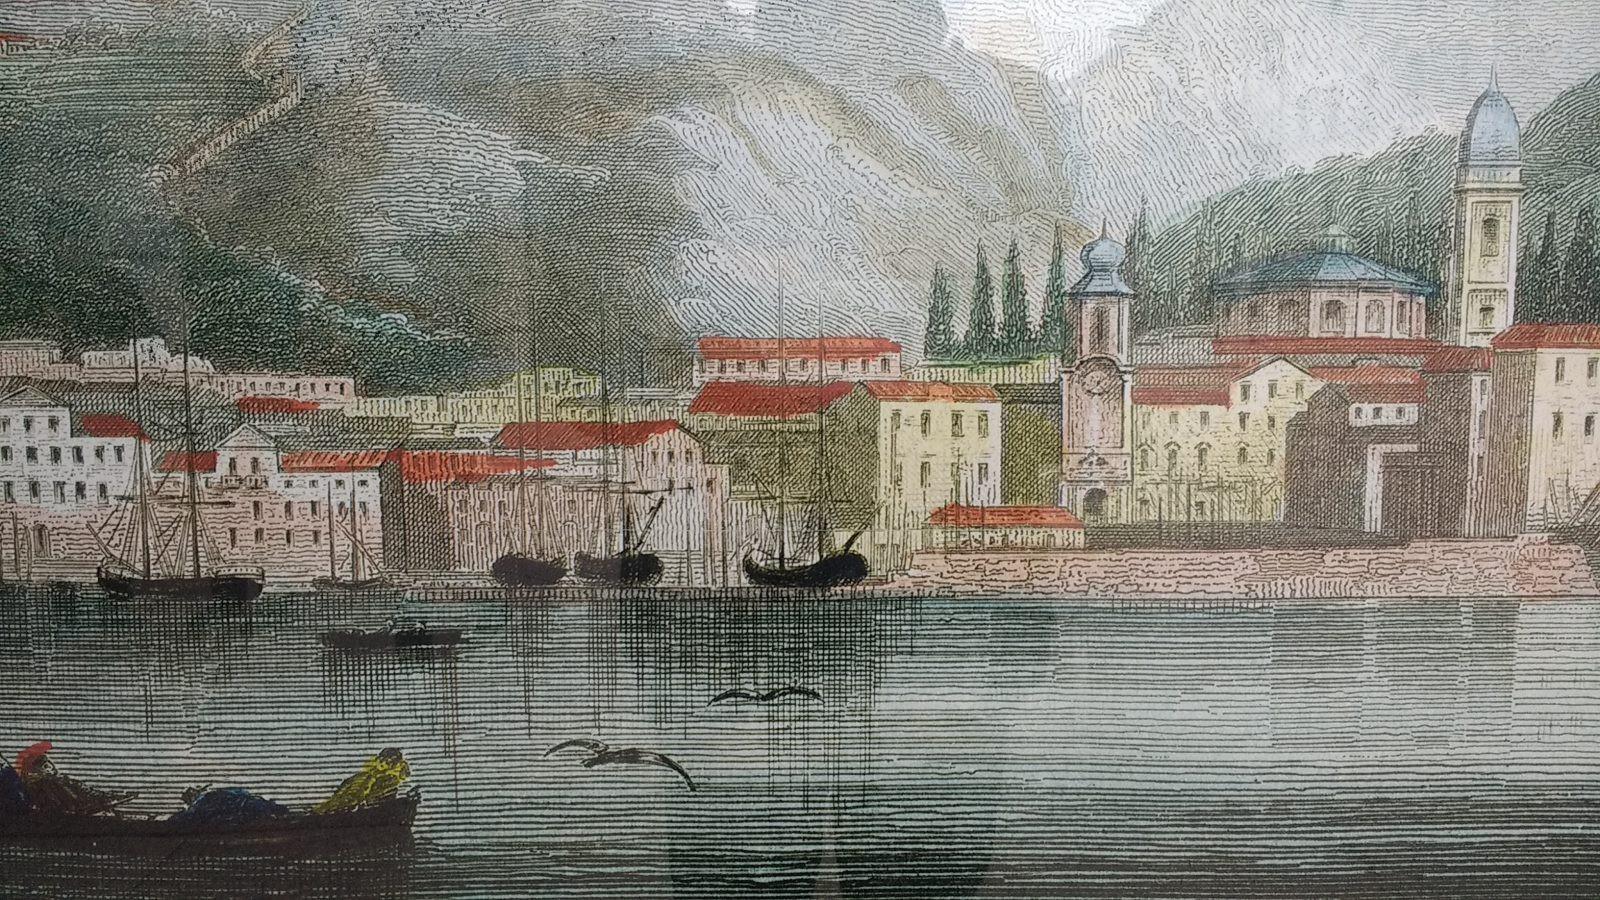 Riječka luka – pregled povijesnog razvoja povodom 300. obljetnice slobodne luke Rijeka